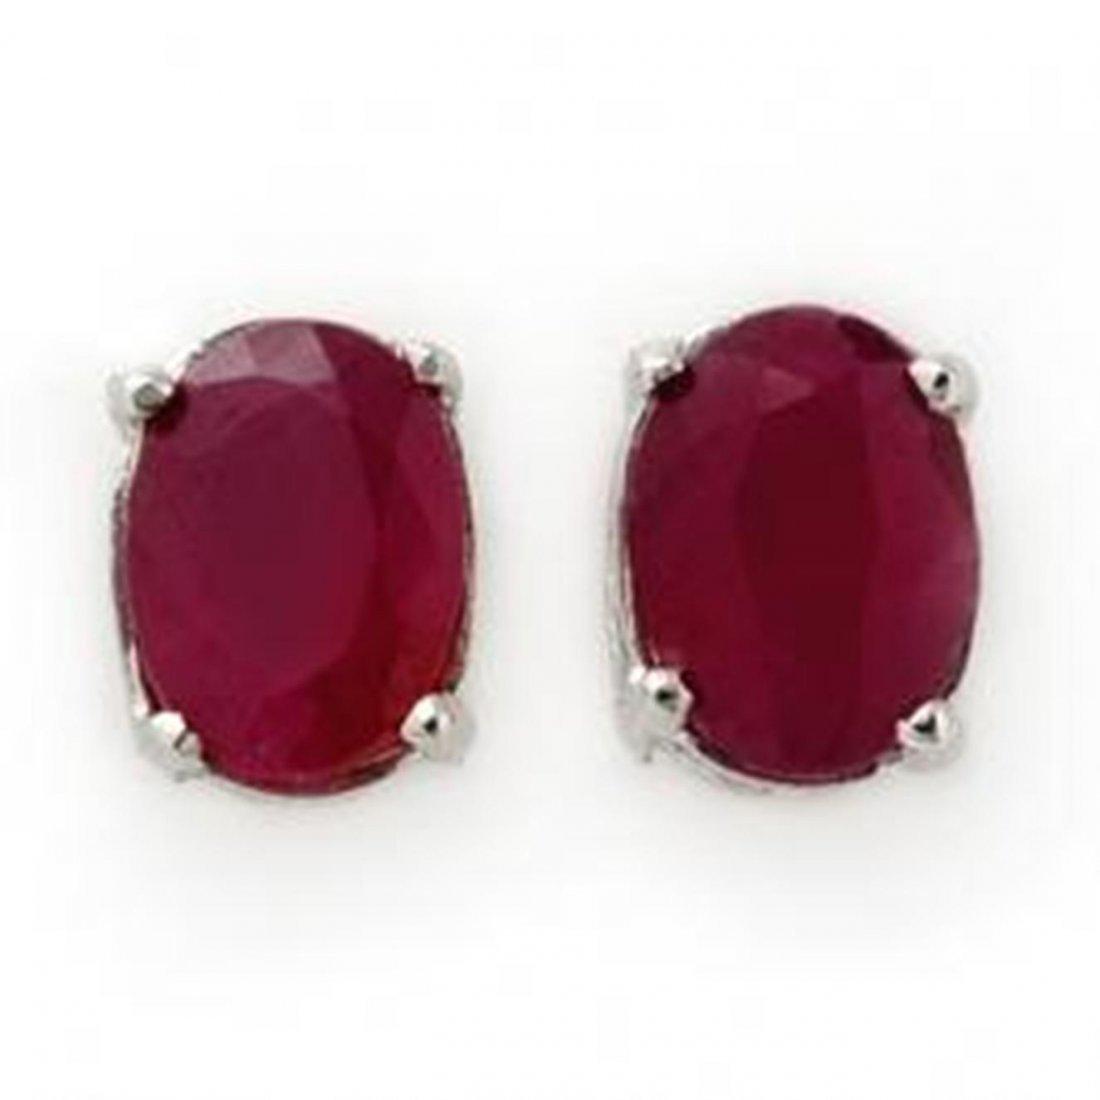 1.50 ctw Ruby Stud Earrings 14K